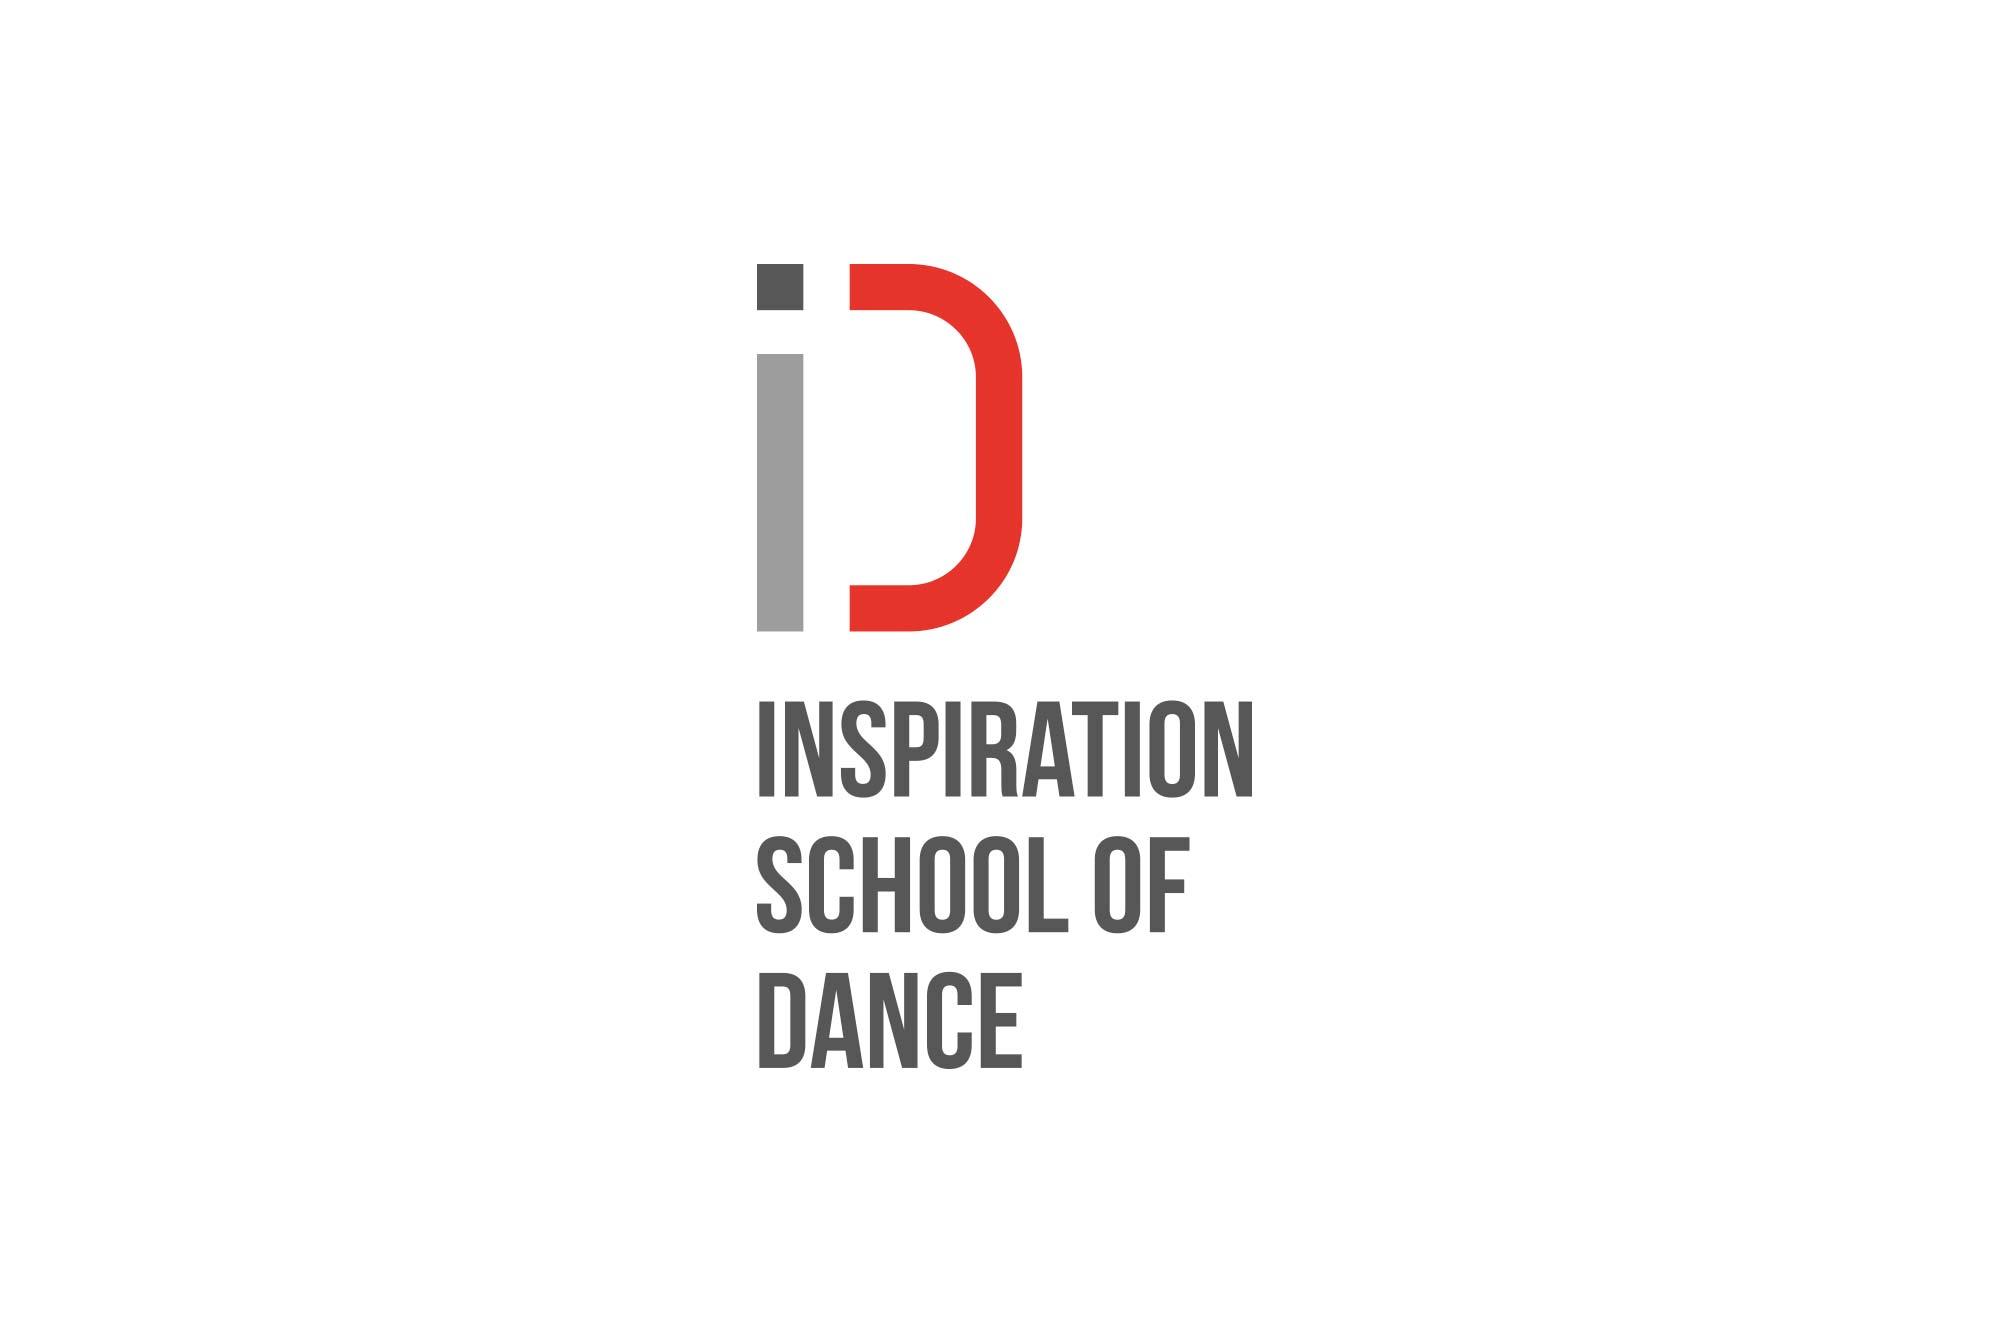 Inspiration-School-of-Dance-Wide-05